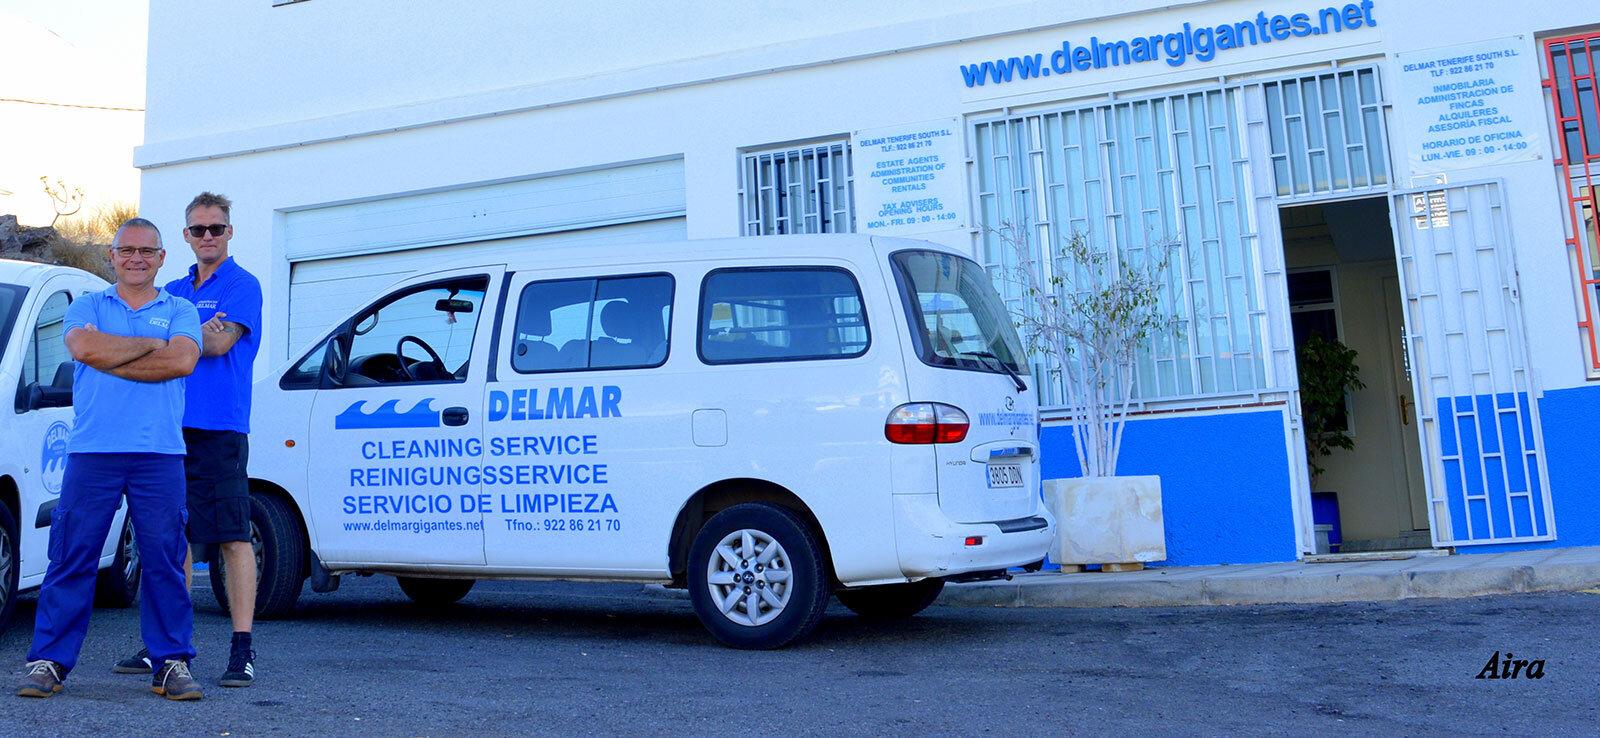 delmar_0035-web